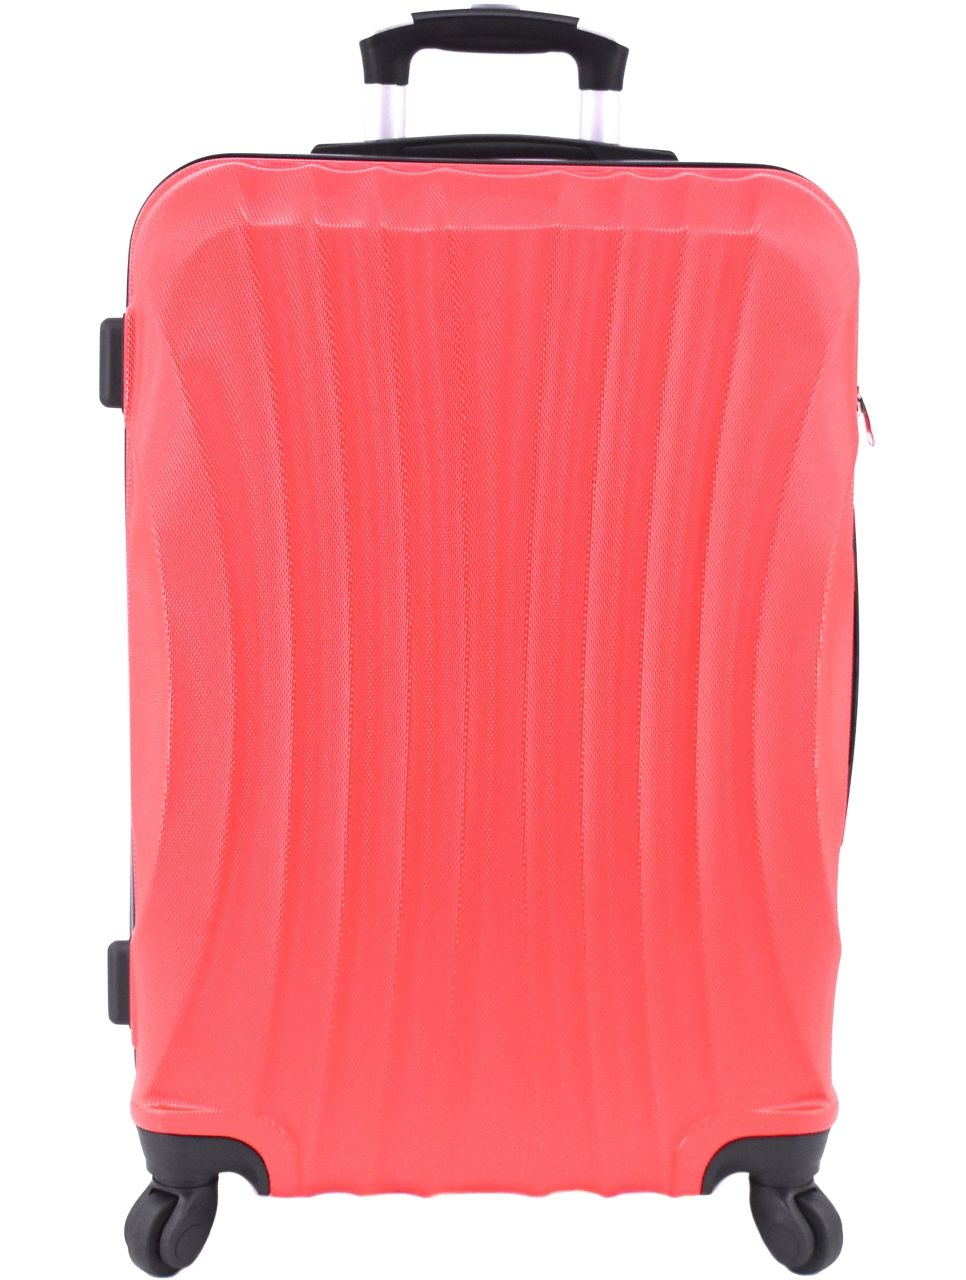 Cestovní skořepina kufr na čtyřech kolečkách Arteddy - (L) 90l červená 6020 (L)